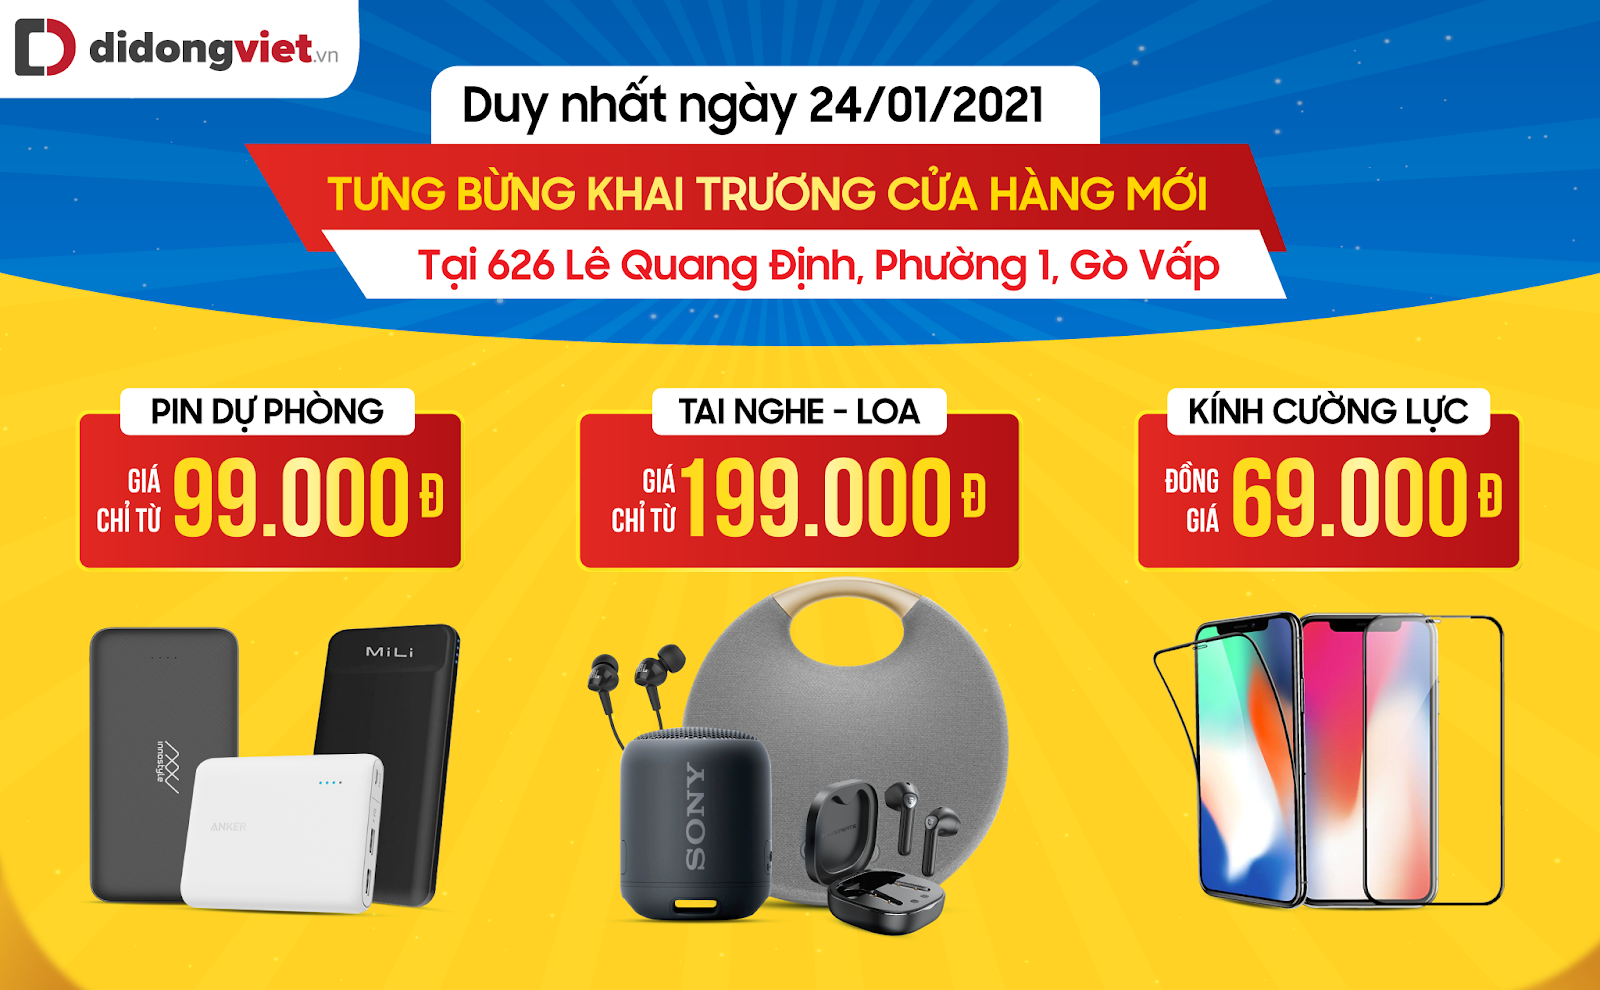 Hàng loạt điện thoại iPhone được giảm giá sâu ngày khai trươngDi Động Việt Gò vấp 1